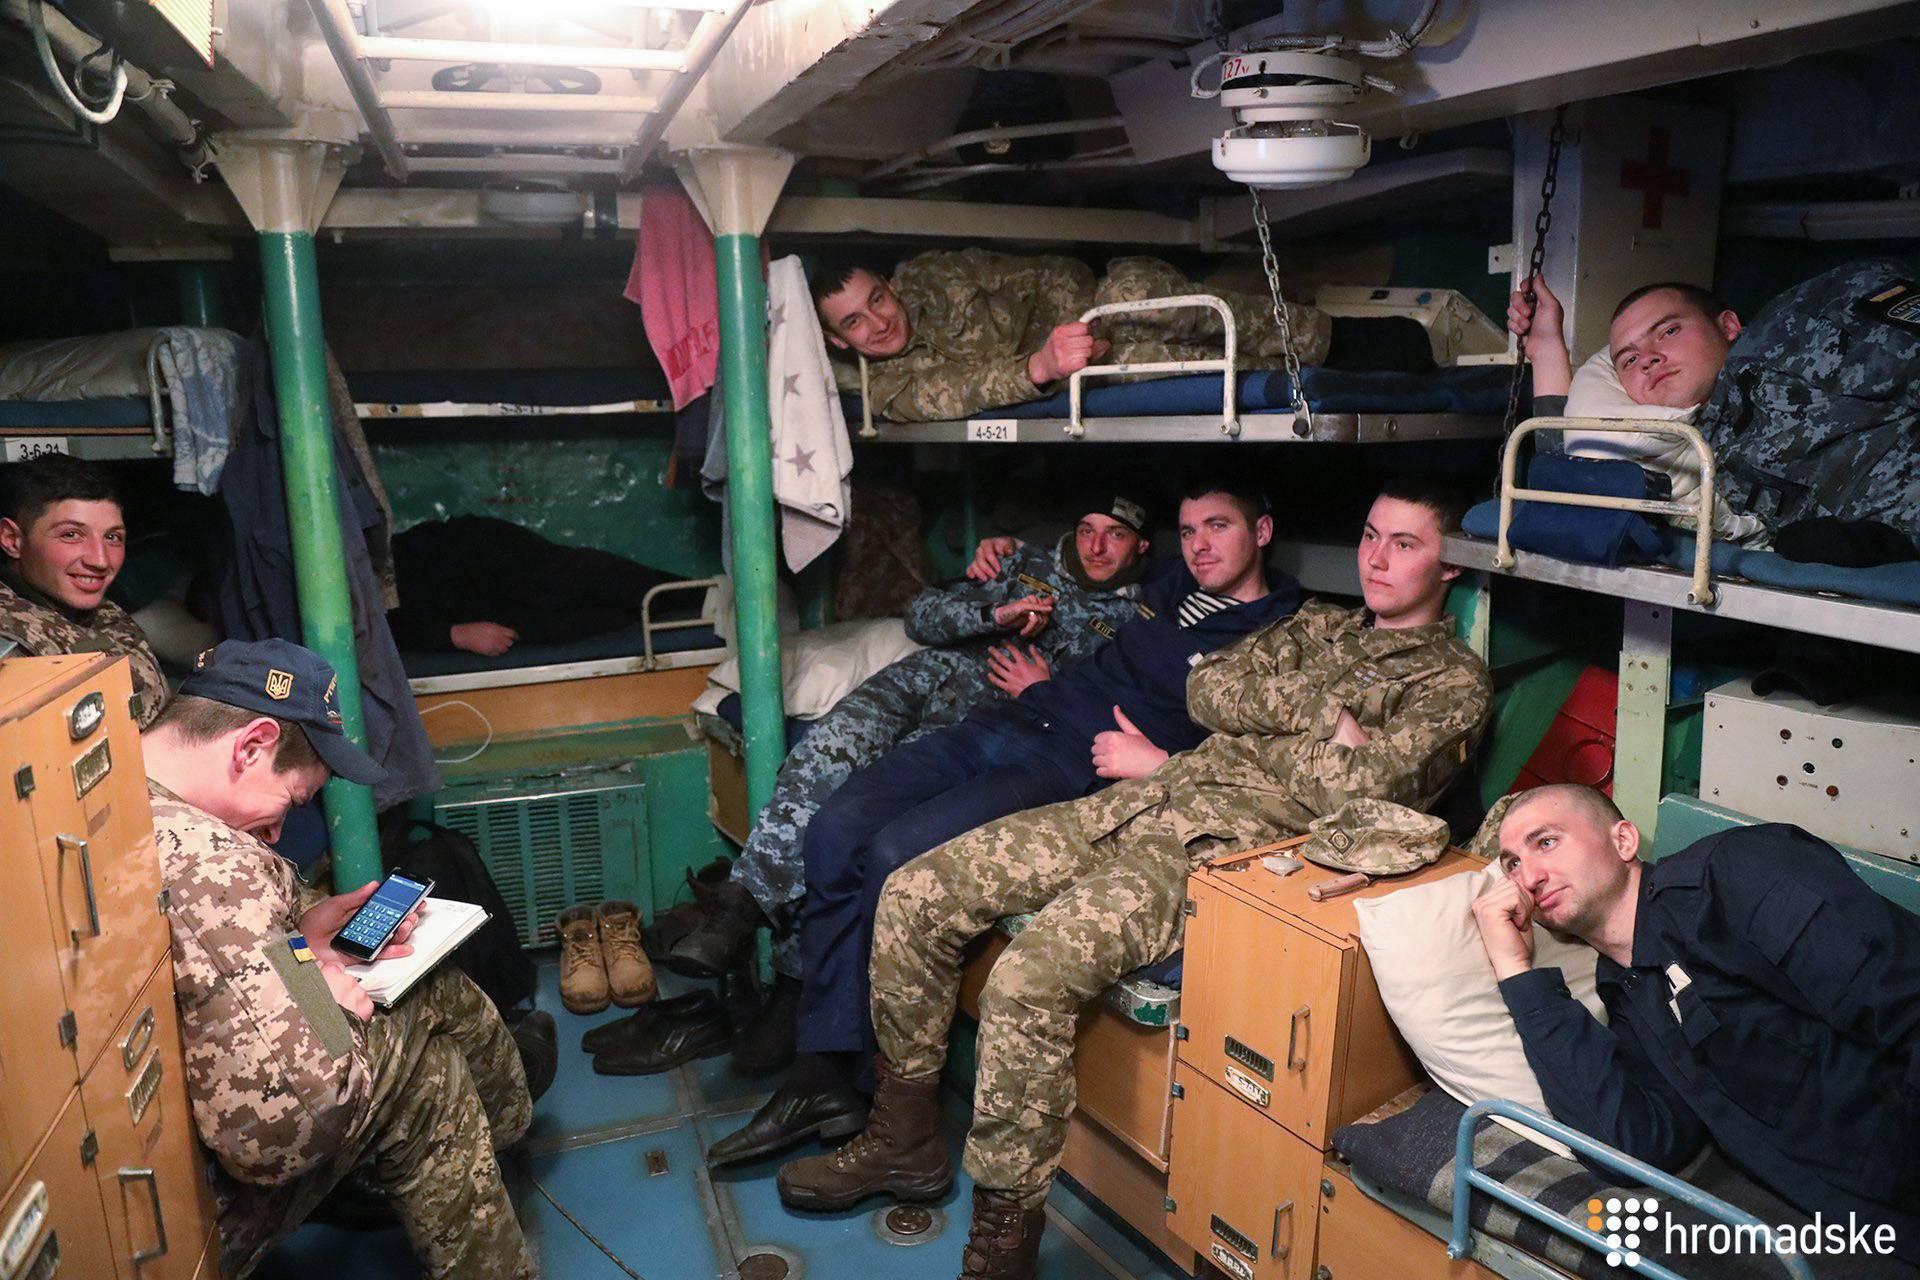 «Генічеськ» – одне з небагатьох суден, яке росіяни пізніше повернули Україні, розраховуючи, що воно згодиться лише на брухт. Адже його термін експлуатації сплив ще наприкінці минулого століття. Та навіть без сучасного оснащення на самому лиш ентузіазмі українських моряків цей корабель досі здатен чистити територіальні води України від небезпечних «подарунків», яких, як передає «матроське радіо», могли сьогодні насипати росіяни. «Генічеськ» – єдиний український корабель протимінної оборони. За тоннажем, озброєнням і морехідними властивостями – це рейдовий тральщик. Тобто призначений для роботи на рейдах, в бухтах і річках (на фото — команда тральщика «Генічеськ», Одеса, 21 березня 2017 року)